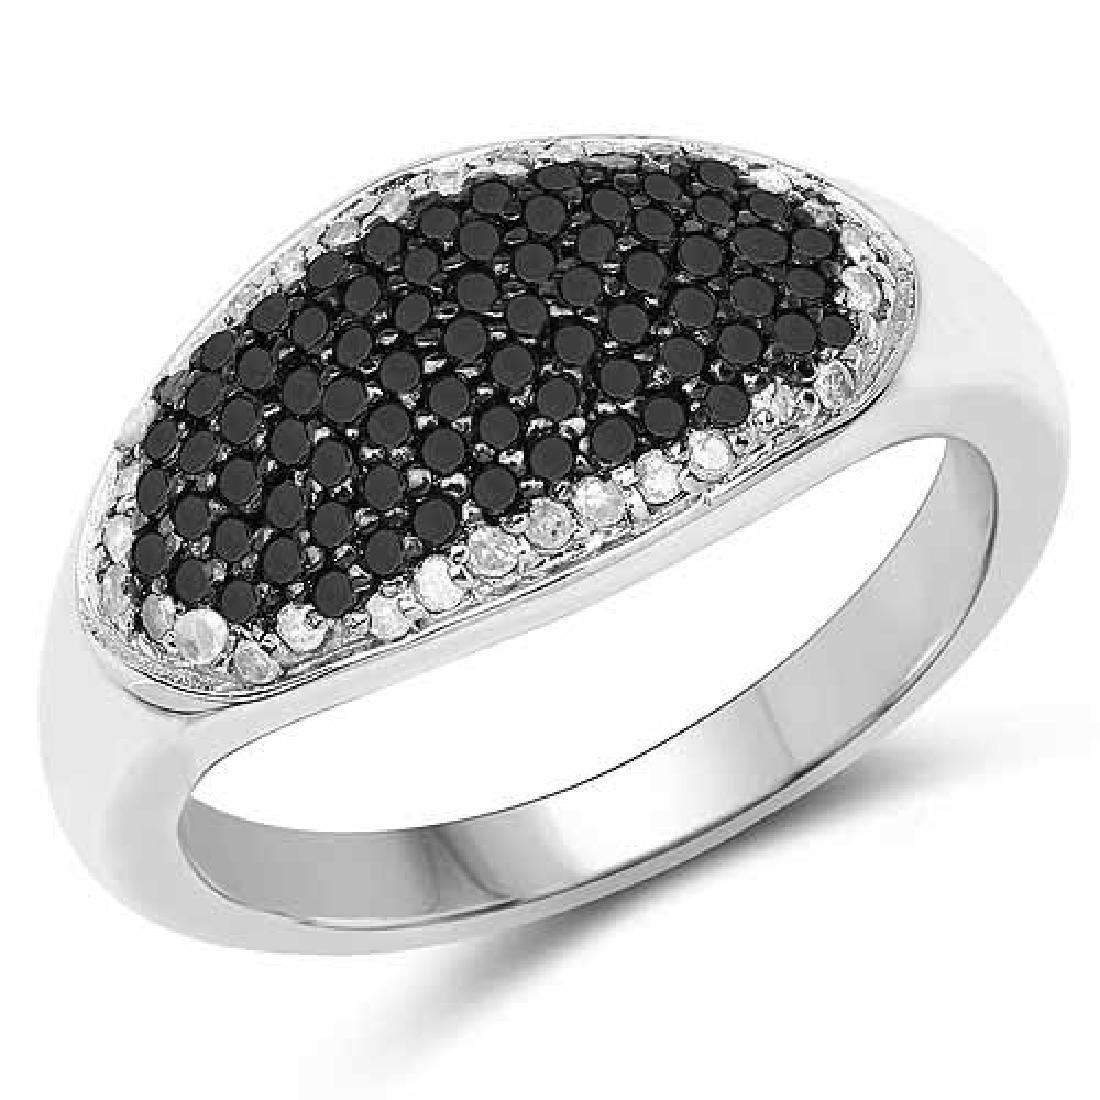 0.46 Carat Genuine Black Diamond and White Diamond .925